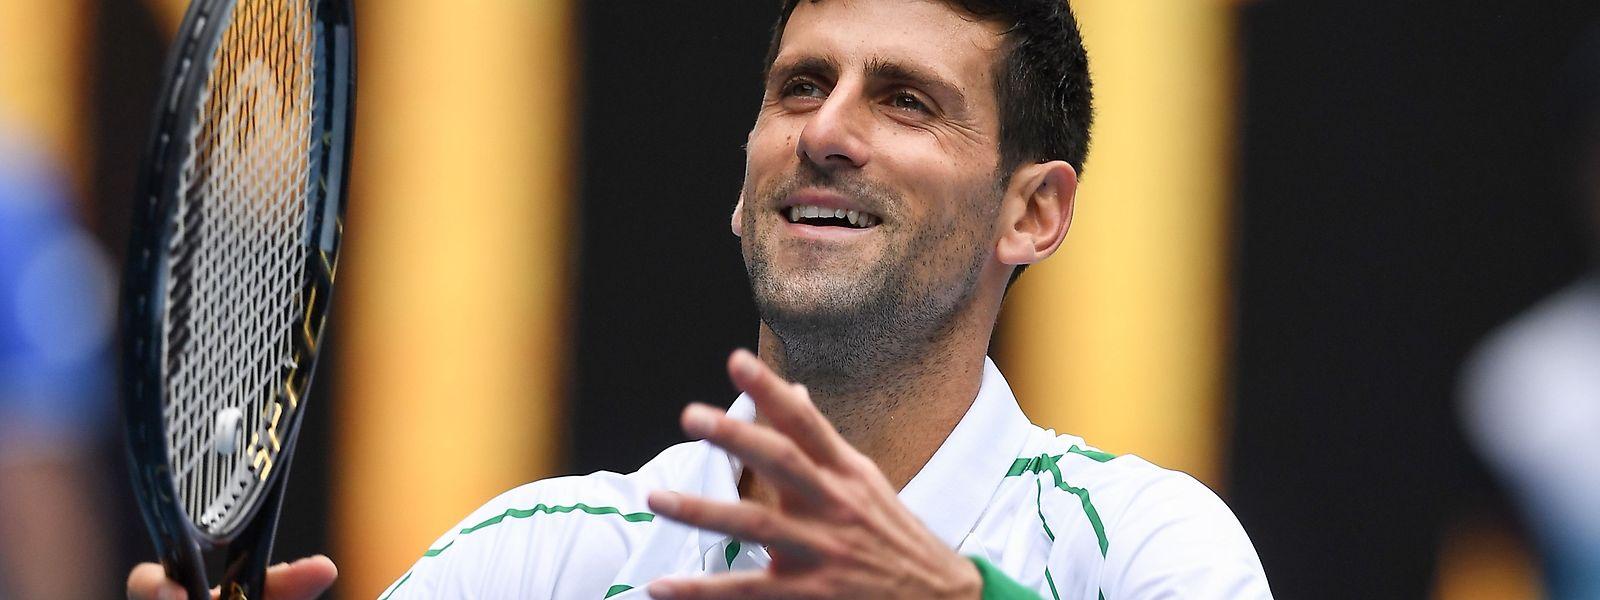 Novak Djokovic tout sourire. Le Serbe s'est facilement défait du Japonais Tatsuma Ito